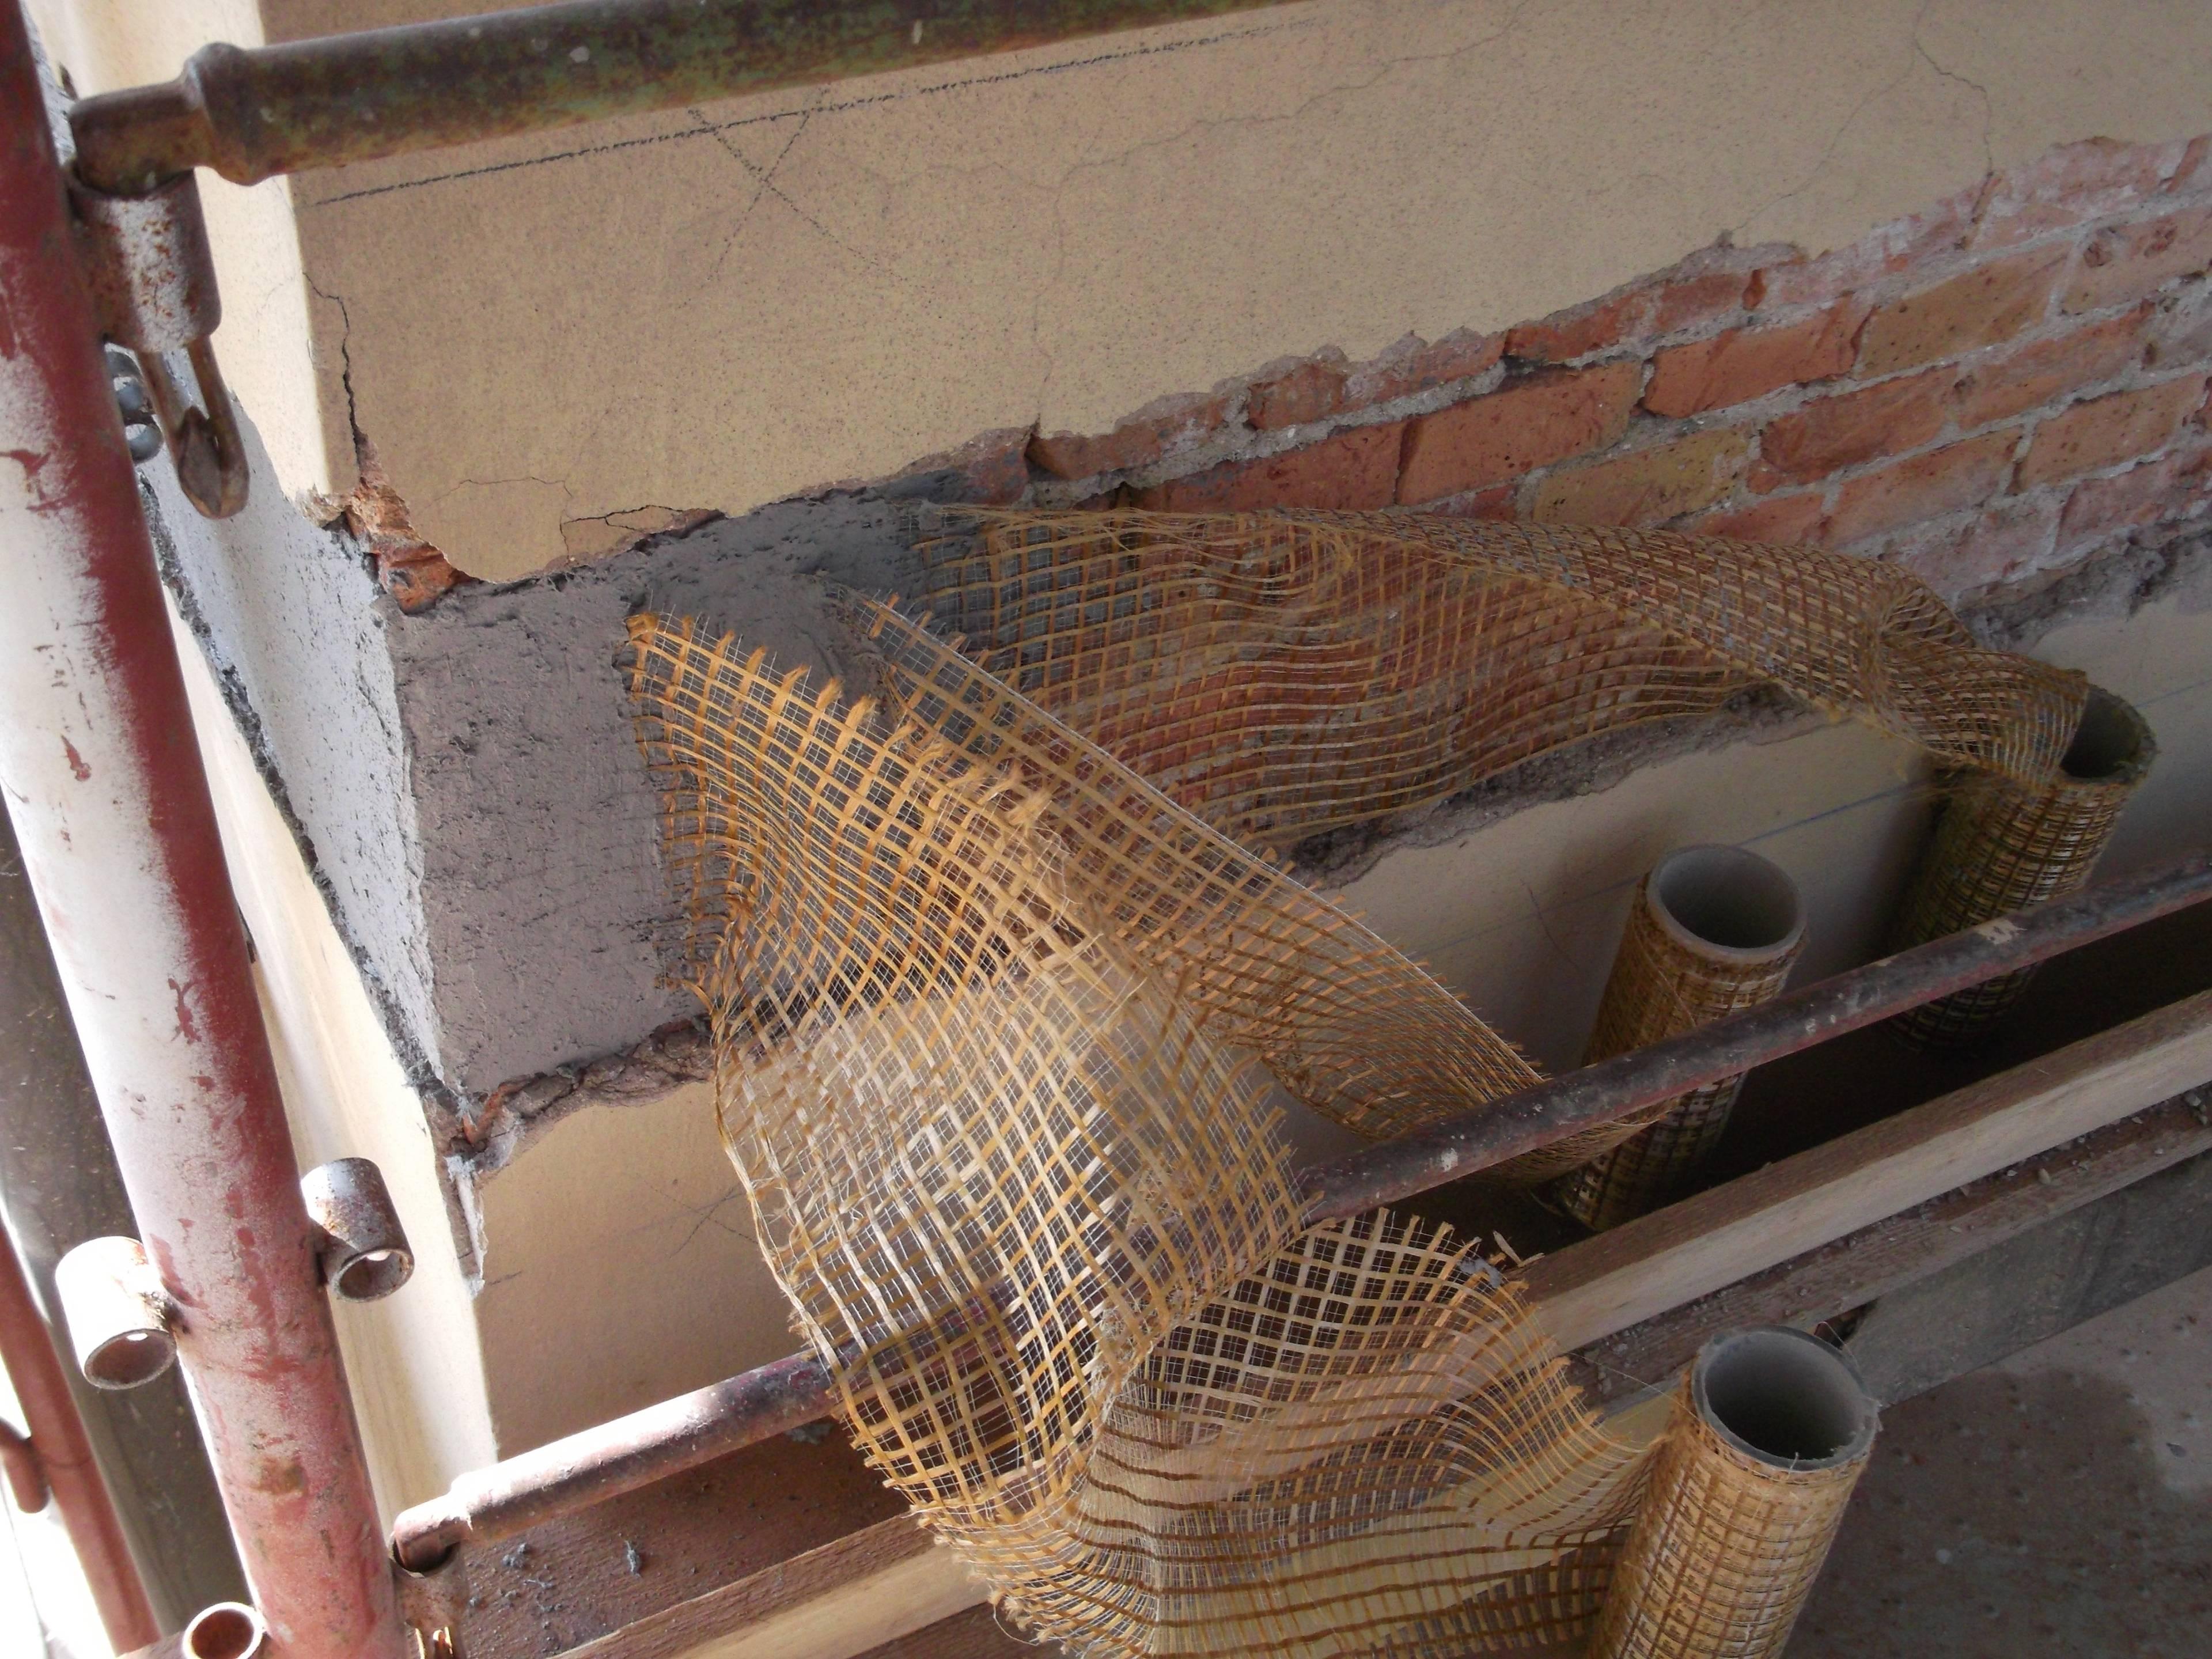 Rinforzo edificio lesionato dal sisma con tessuto in PBO a completa cerchiatura del fabbricato - ITON SRL